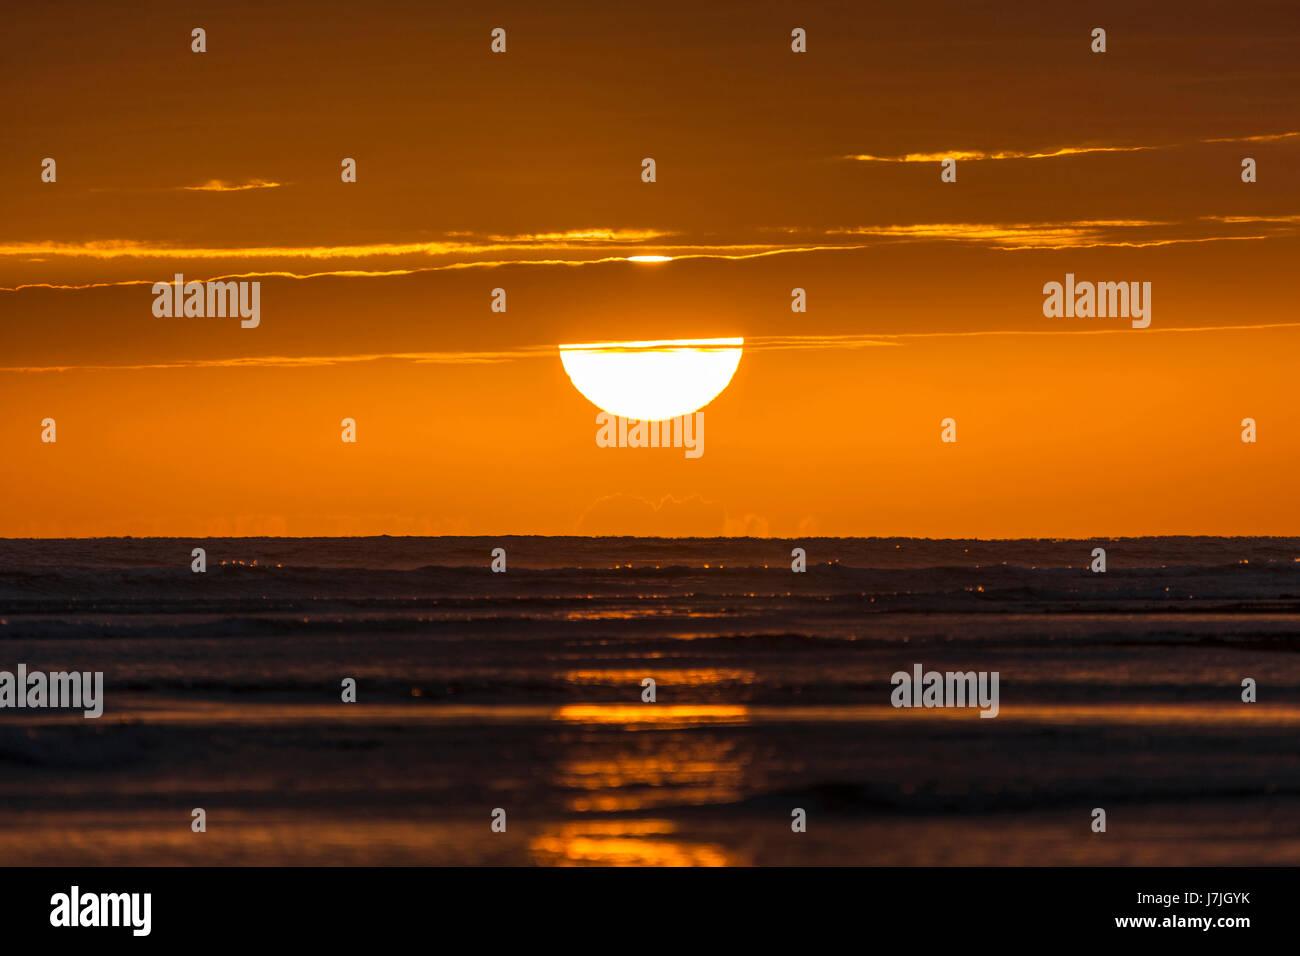 Sunset at Ocean, Jardines de la Reina, Cuba Stock Photo